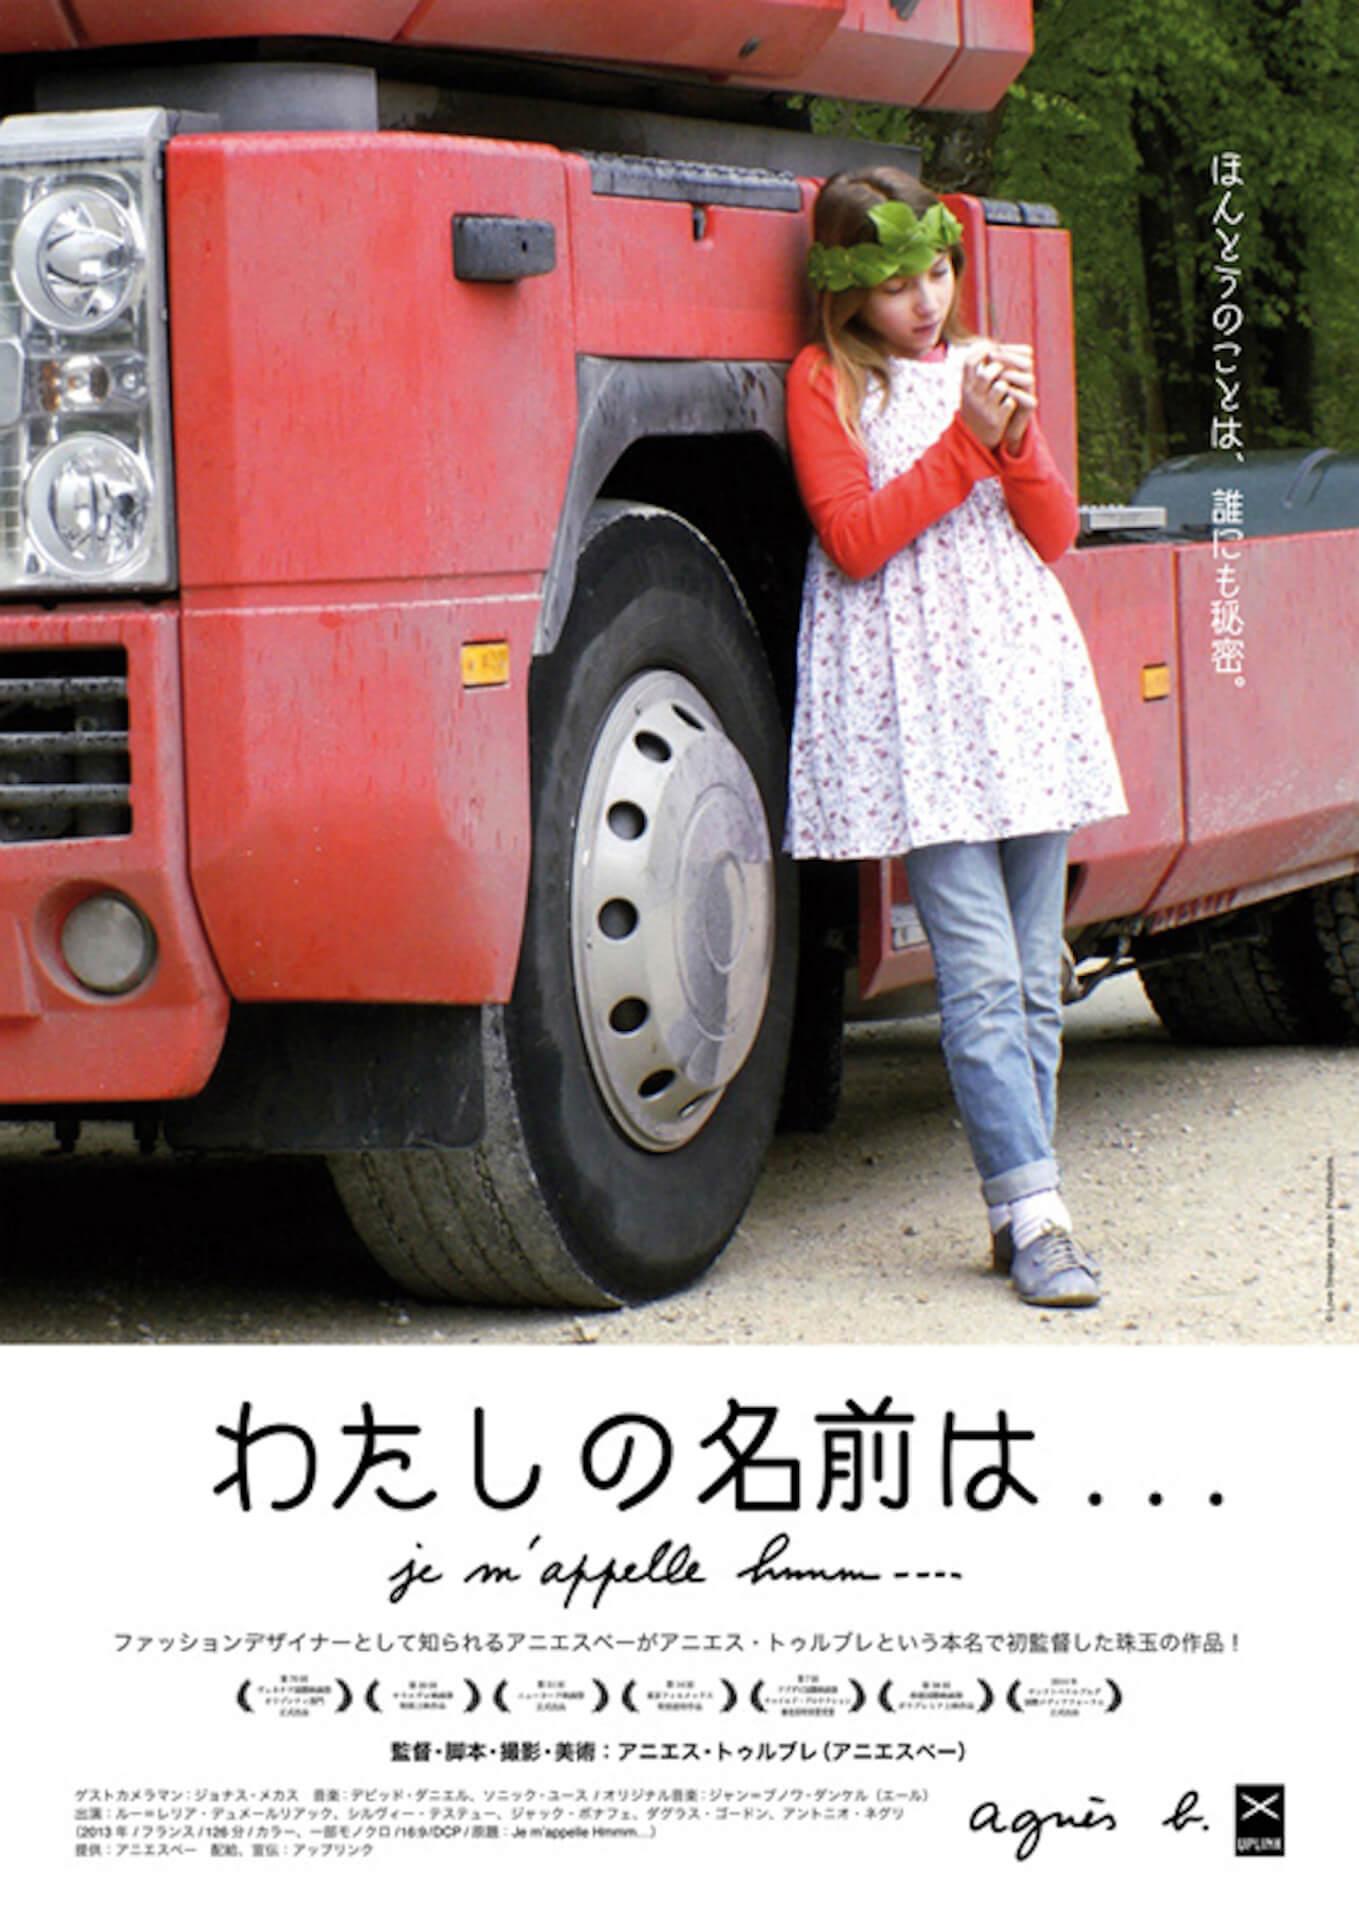 UPLINKのオンライン映画館にて、アニエス・ベー初監督作『わたしの名前は…』が10日間限定で全世界無料配信決定! film200507_uplink_agnesb_1